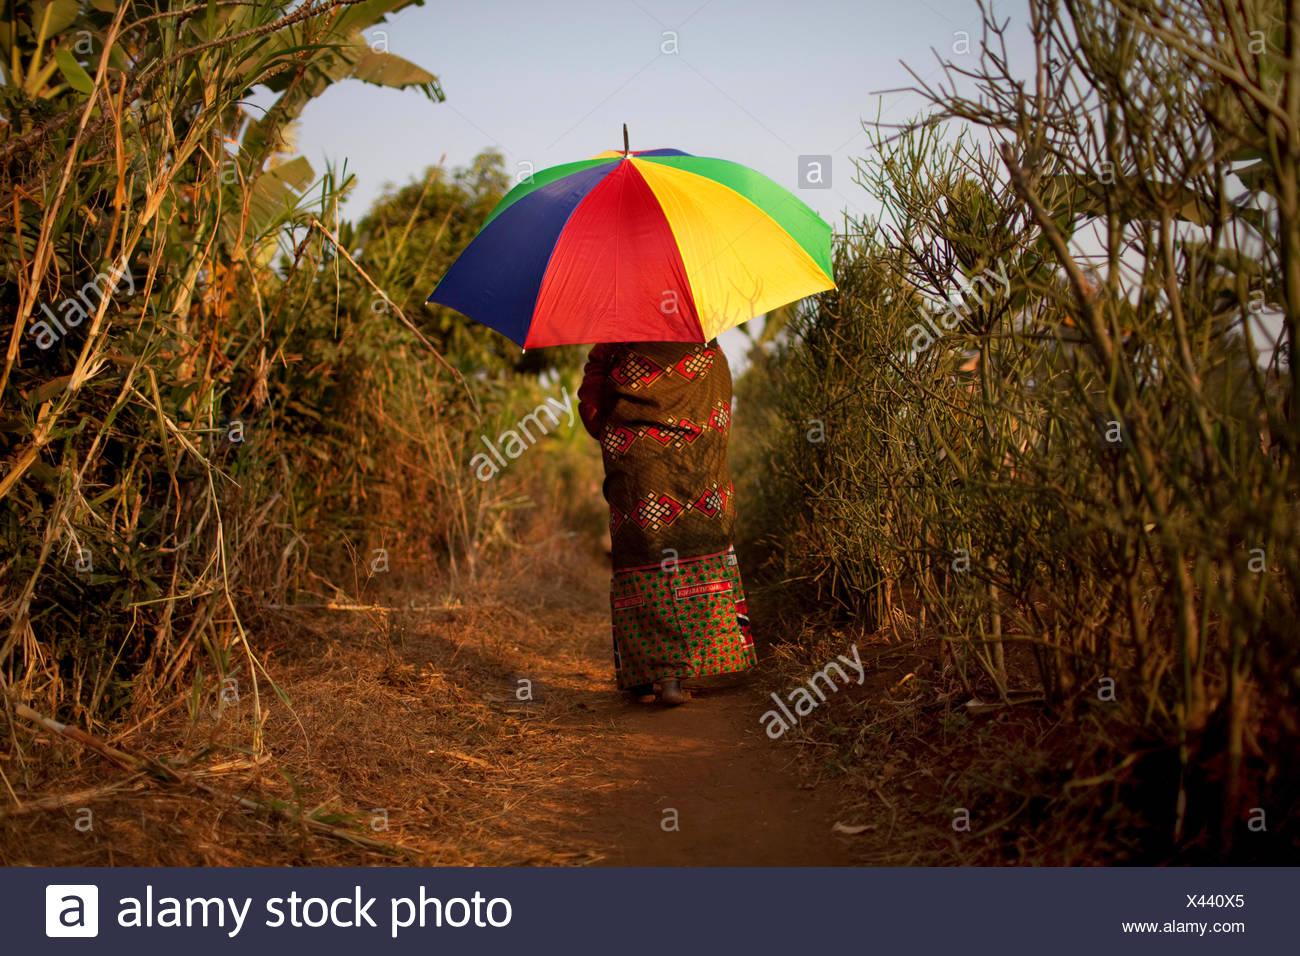 Vecchia donna in abito tradizionale camminando sul percorso con ombrello come protezione del sole , il Burundi, Karuzi, Buhiga Foto Stock